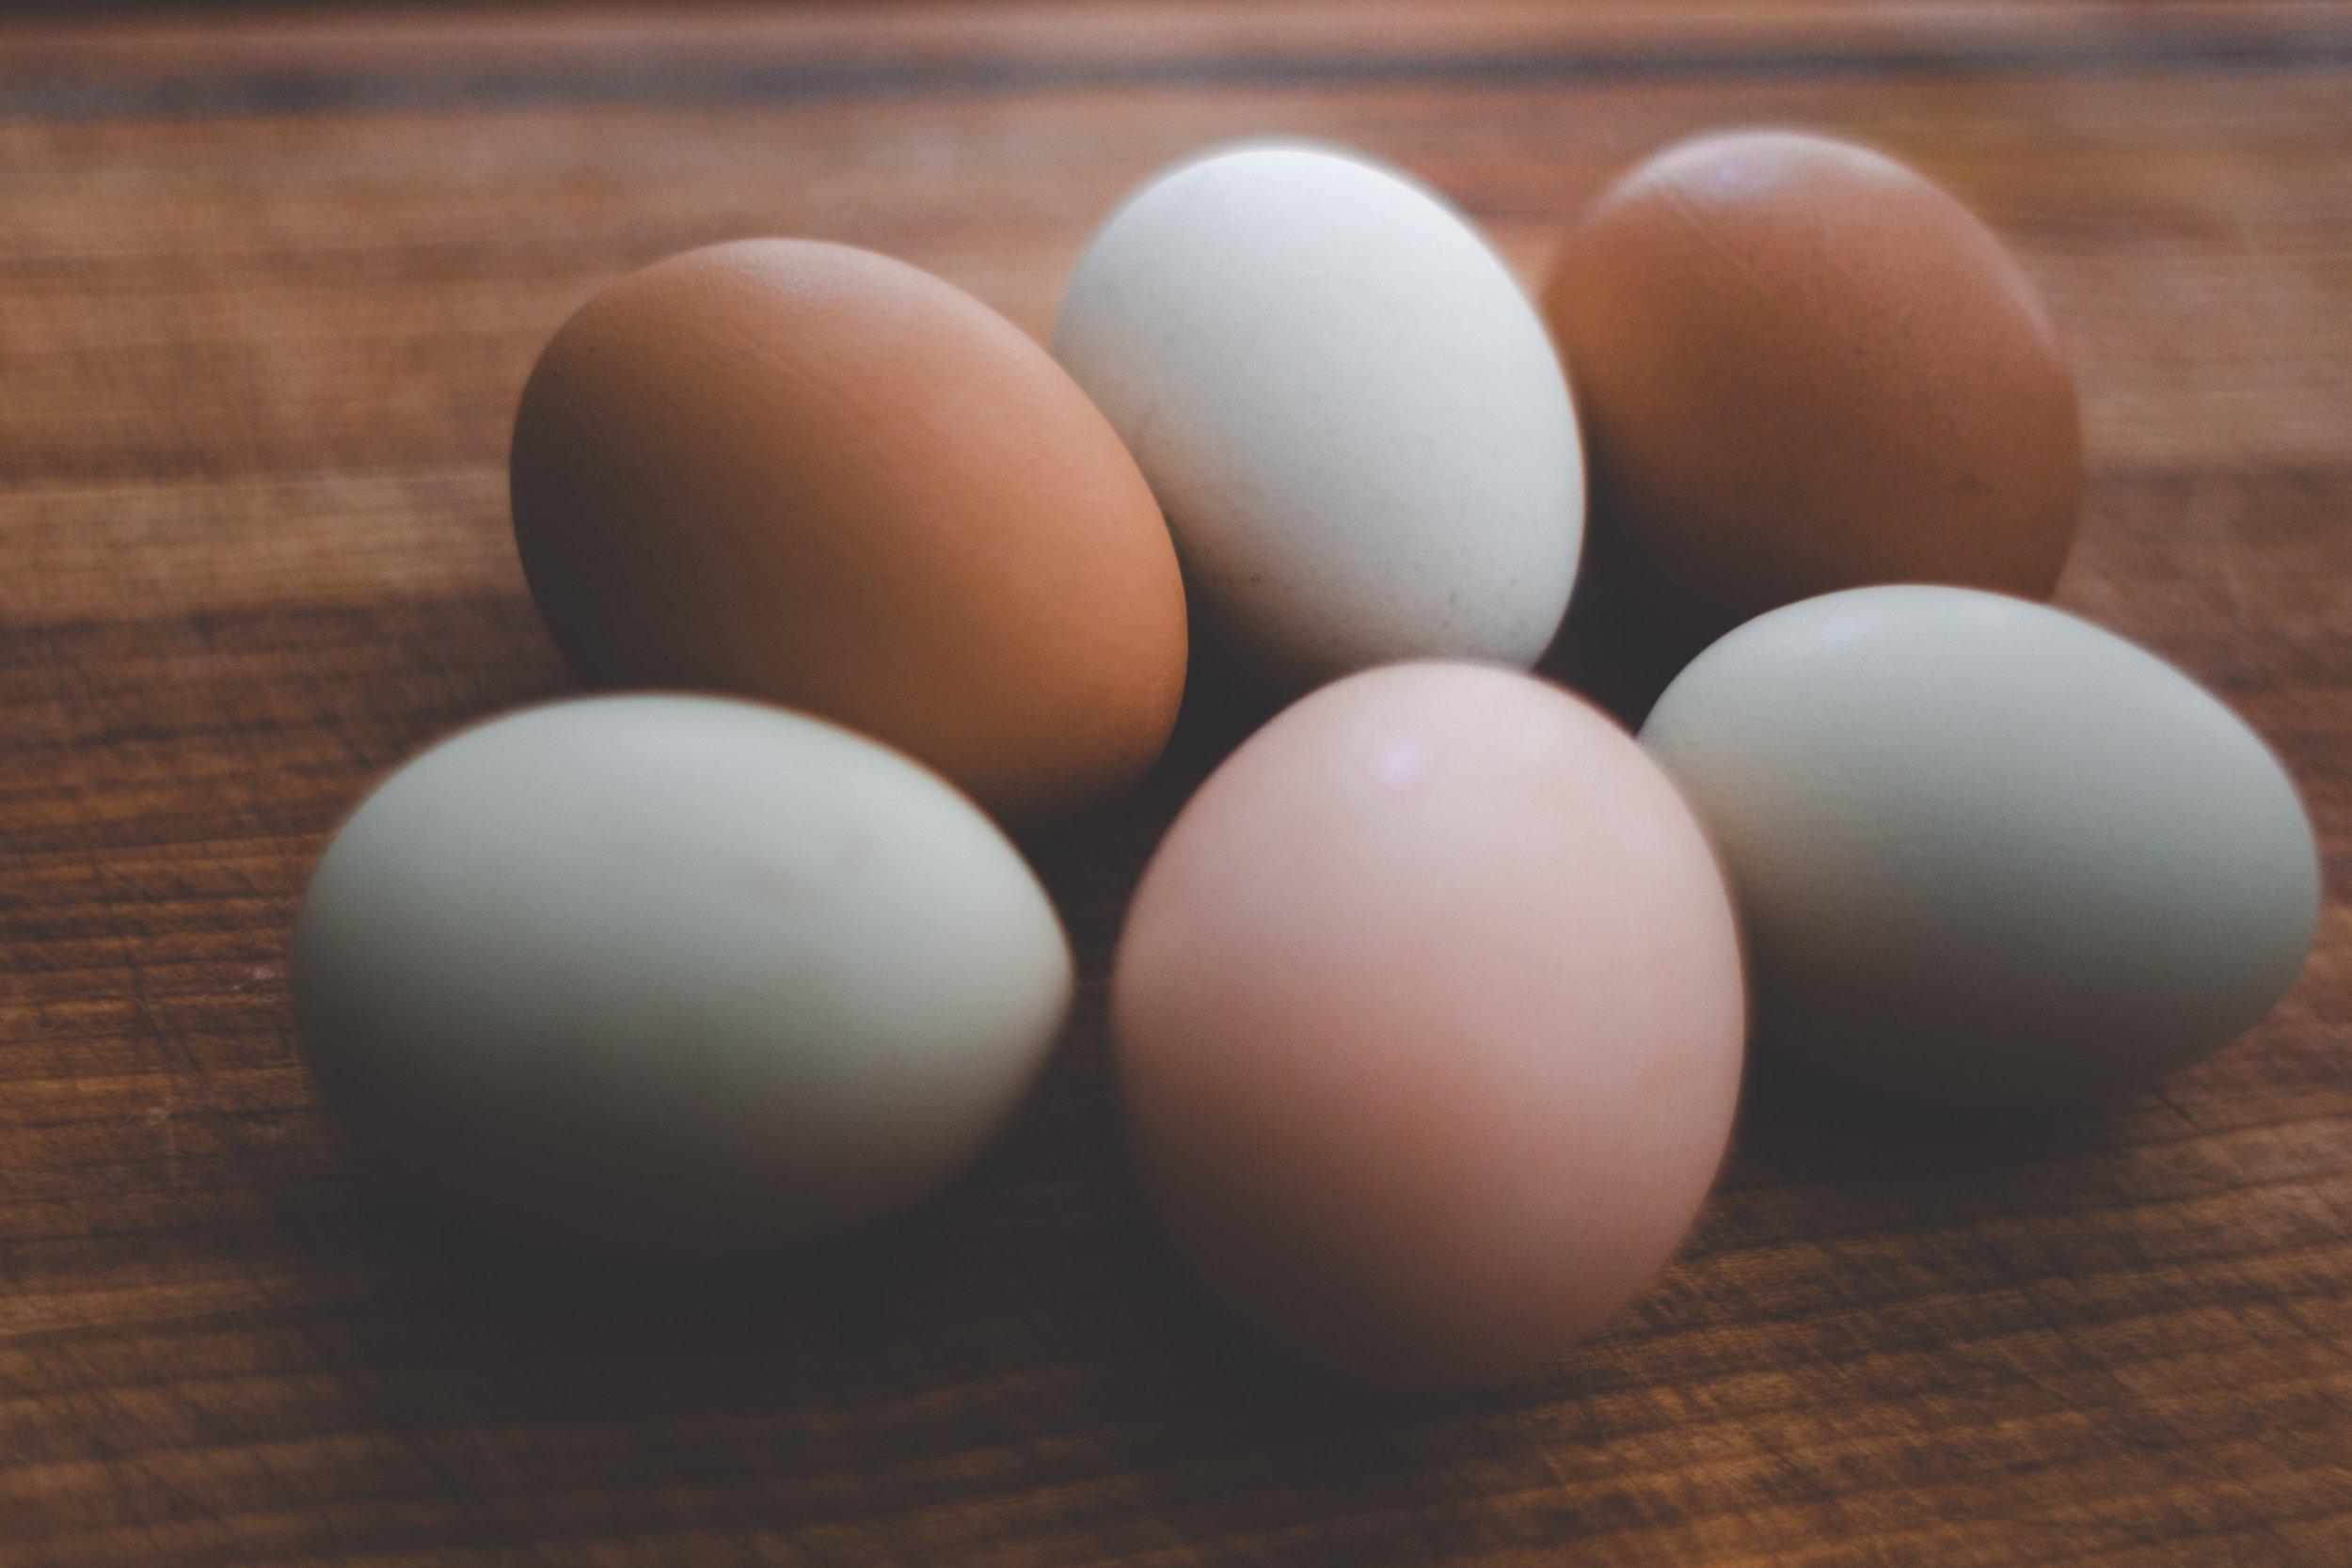 9. Podemos ovular más de una vez por ciclo -